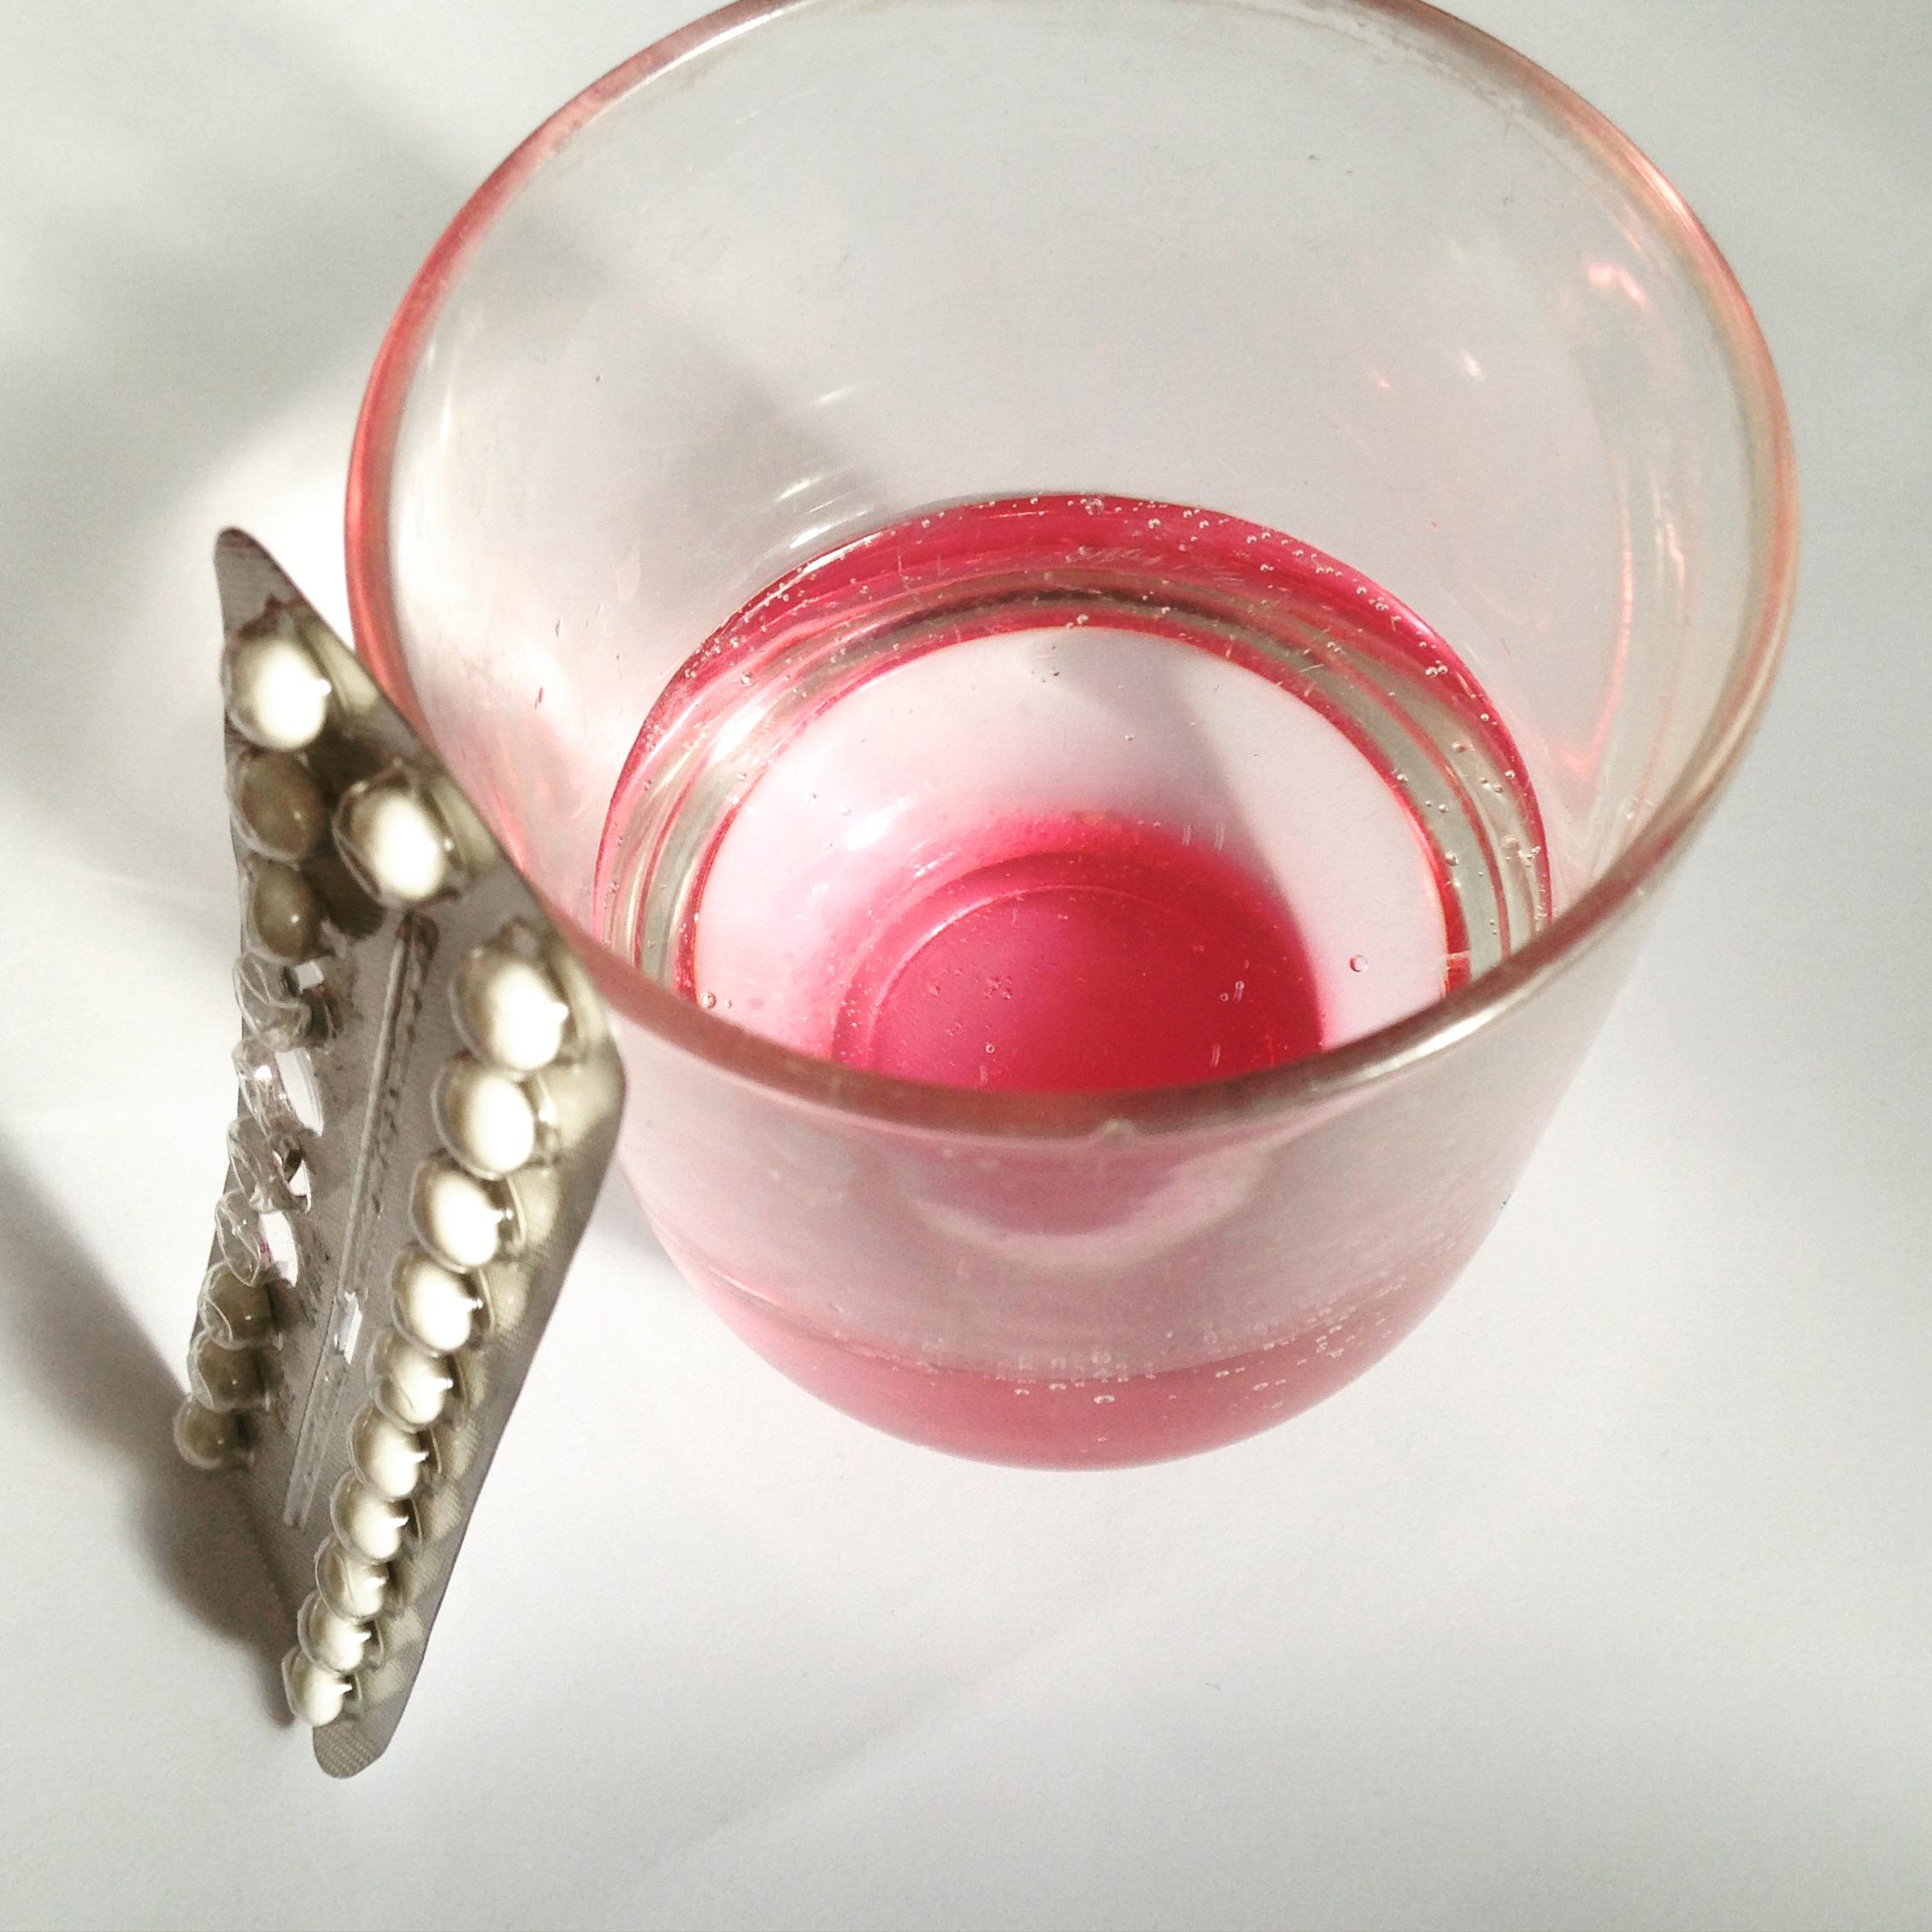 Prendre la pilule ou braver l'opprobre des gynécologues?